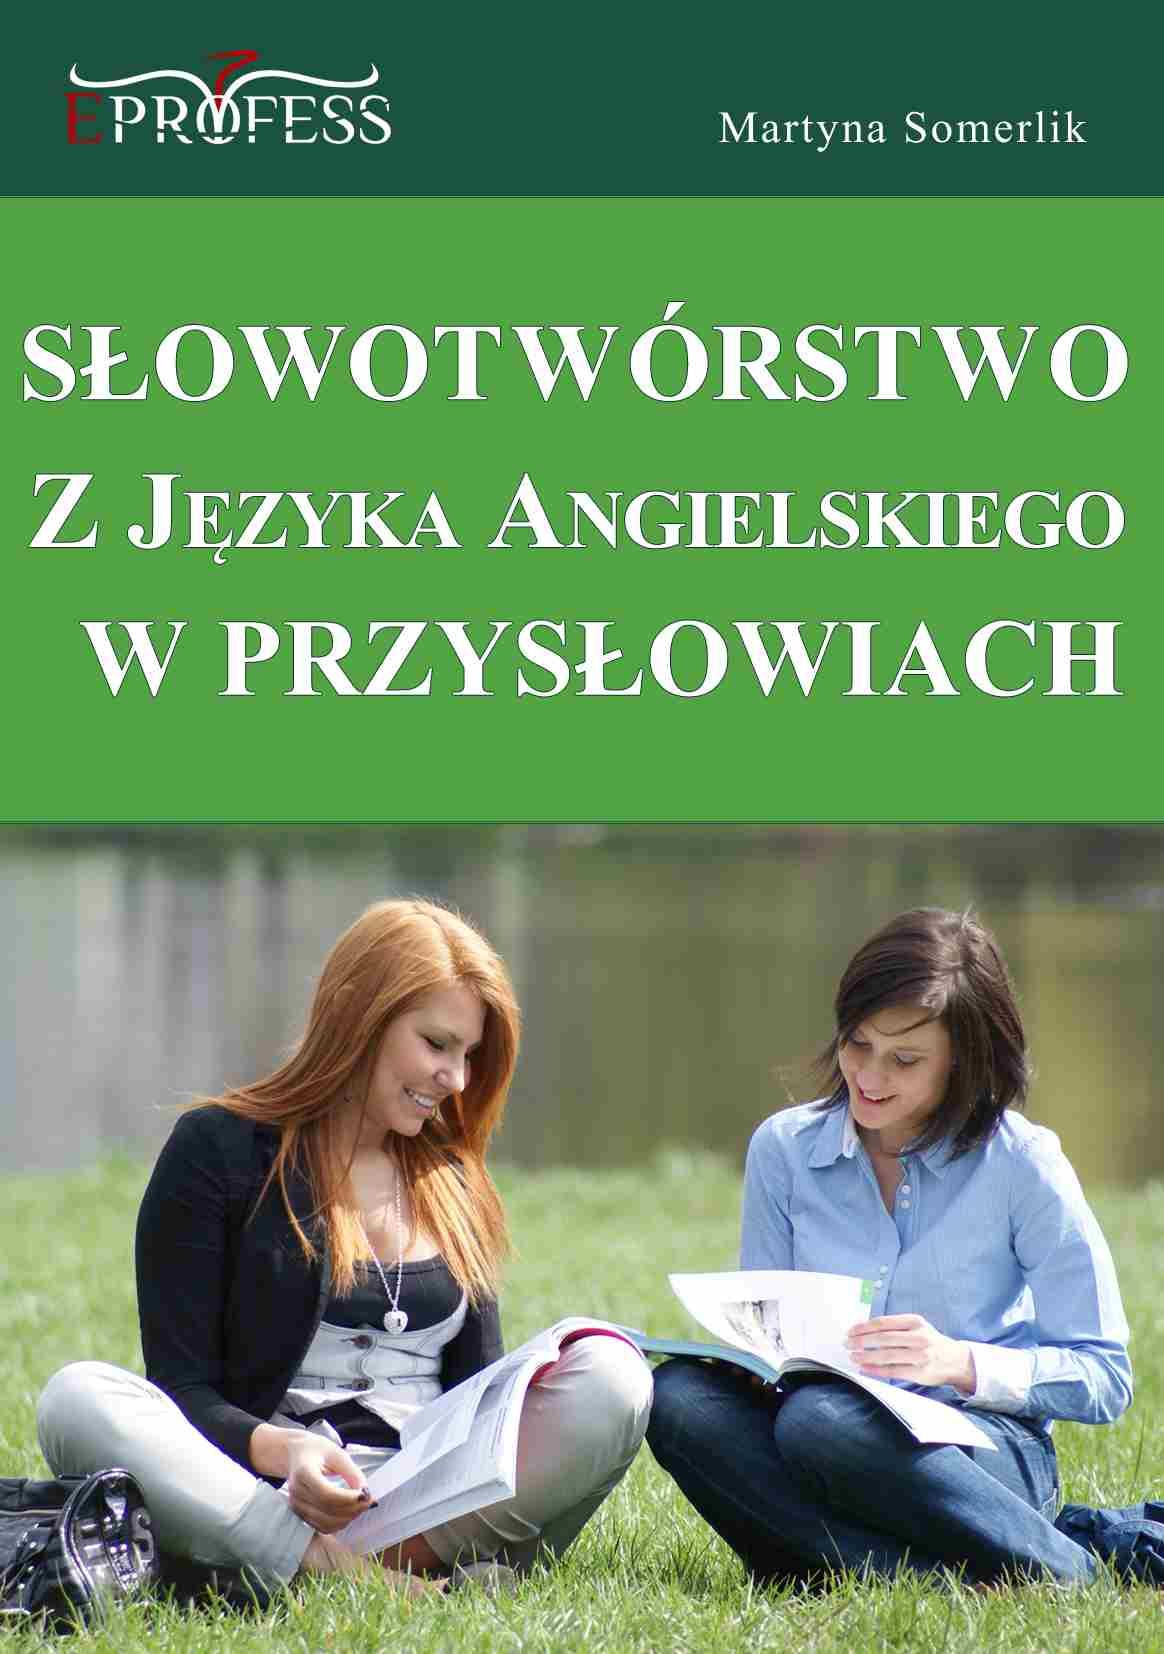 Słowotwórstwo z Języka Angielskiego w Przysłowiach - Ebook (Książka PDF) do pobrania w formacie PDF